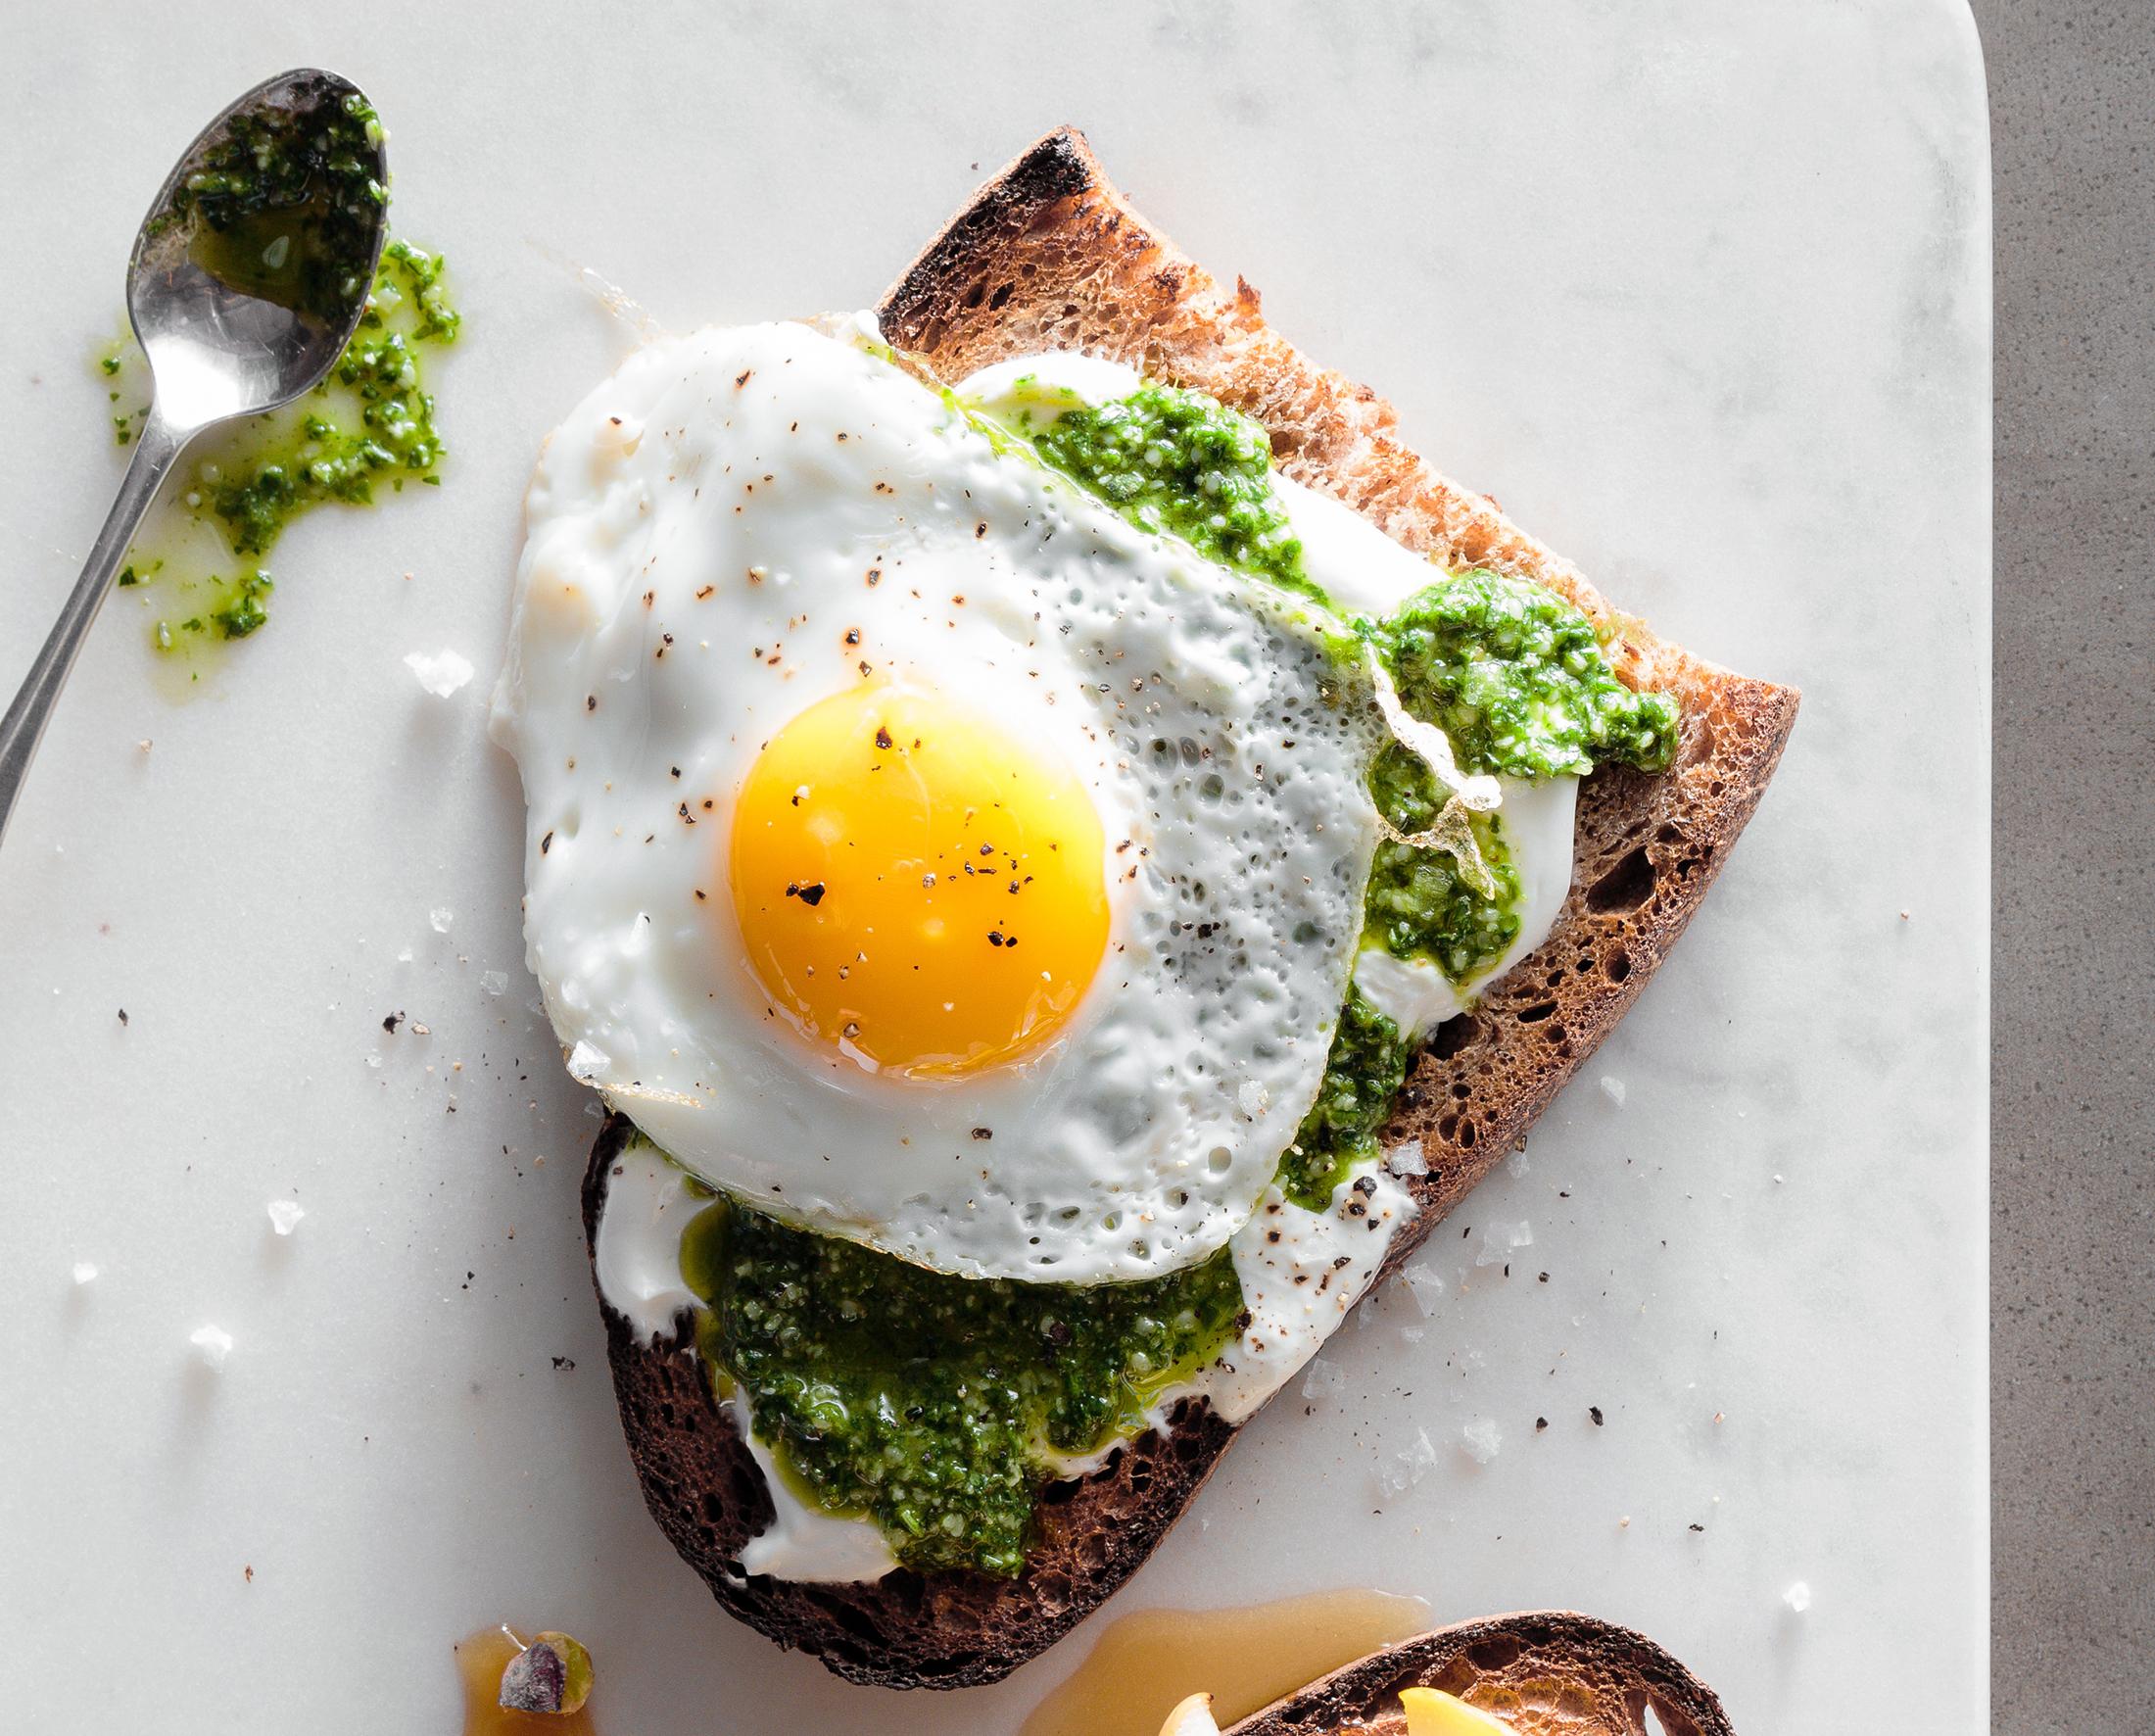 su-Cilantro and Kale Pesto Toast with a Fried Egg